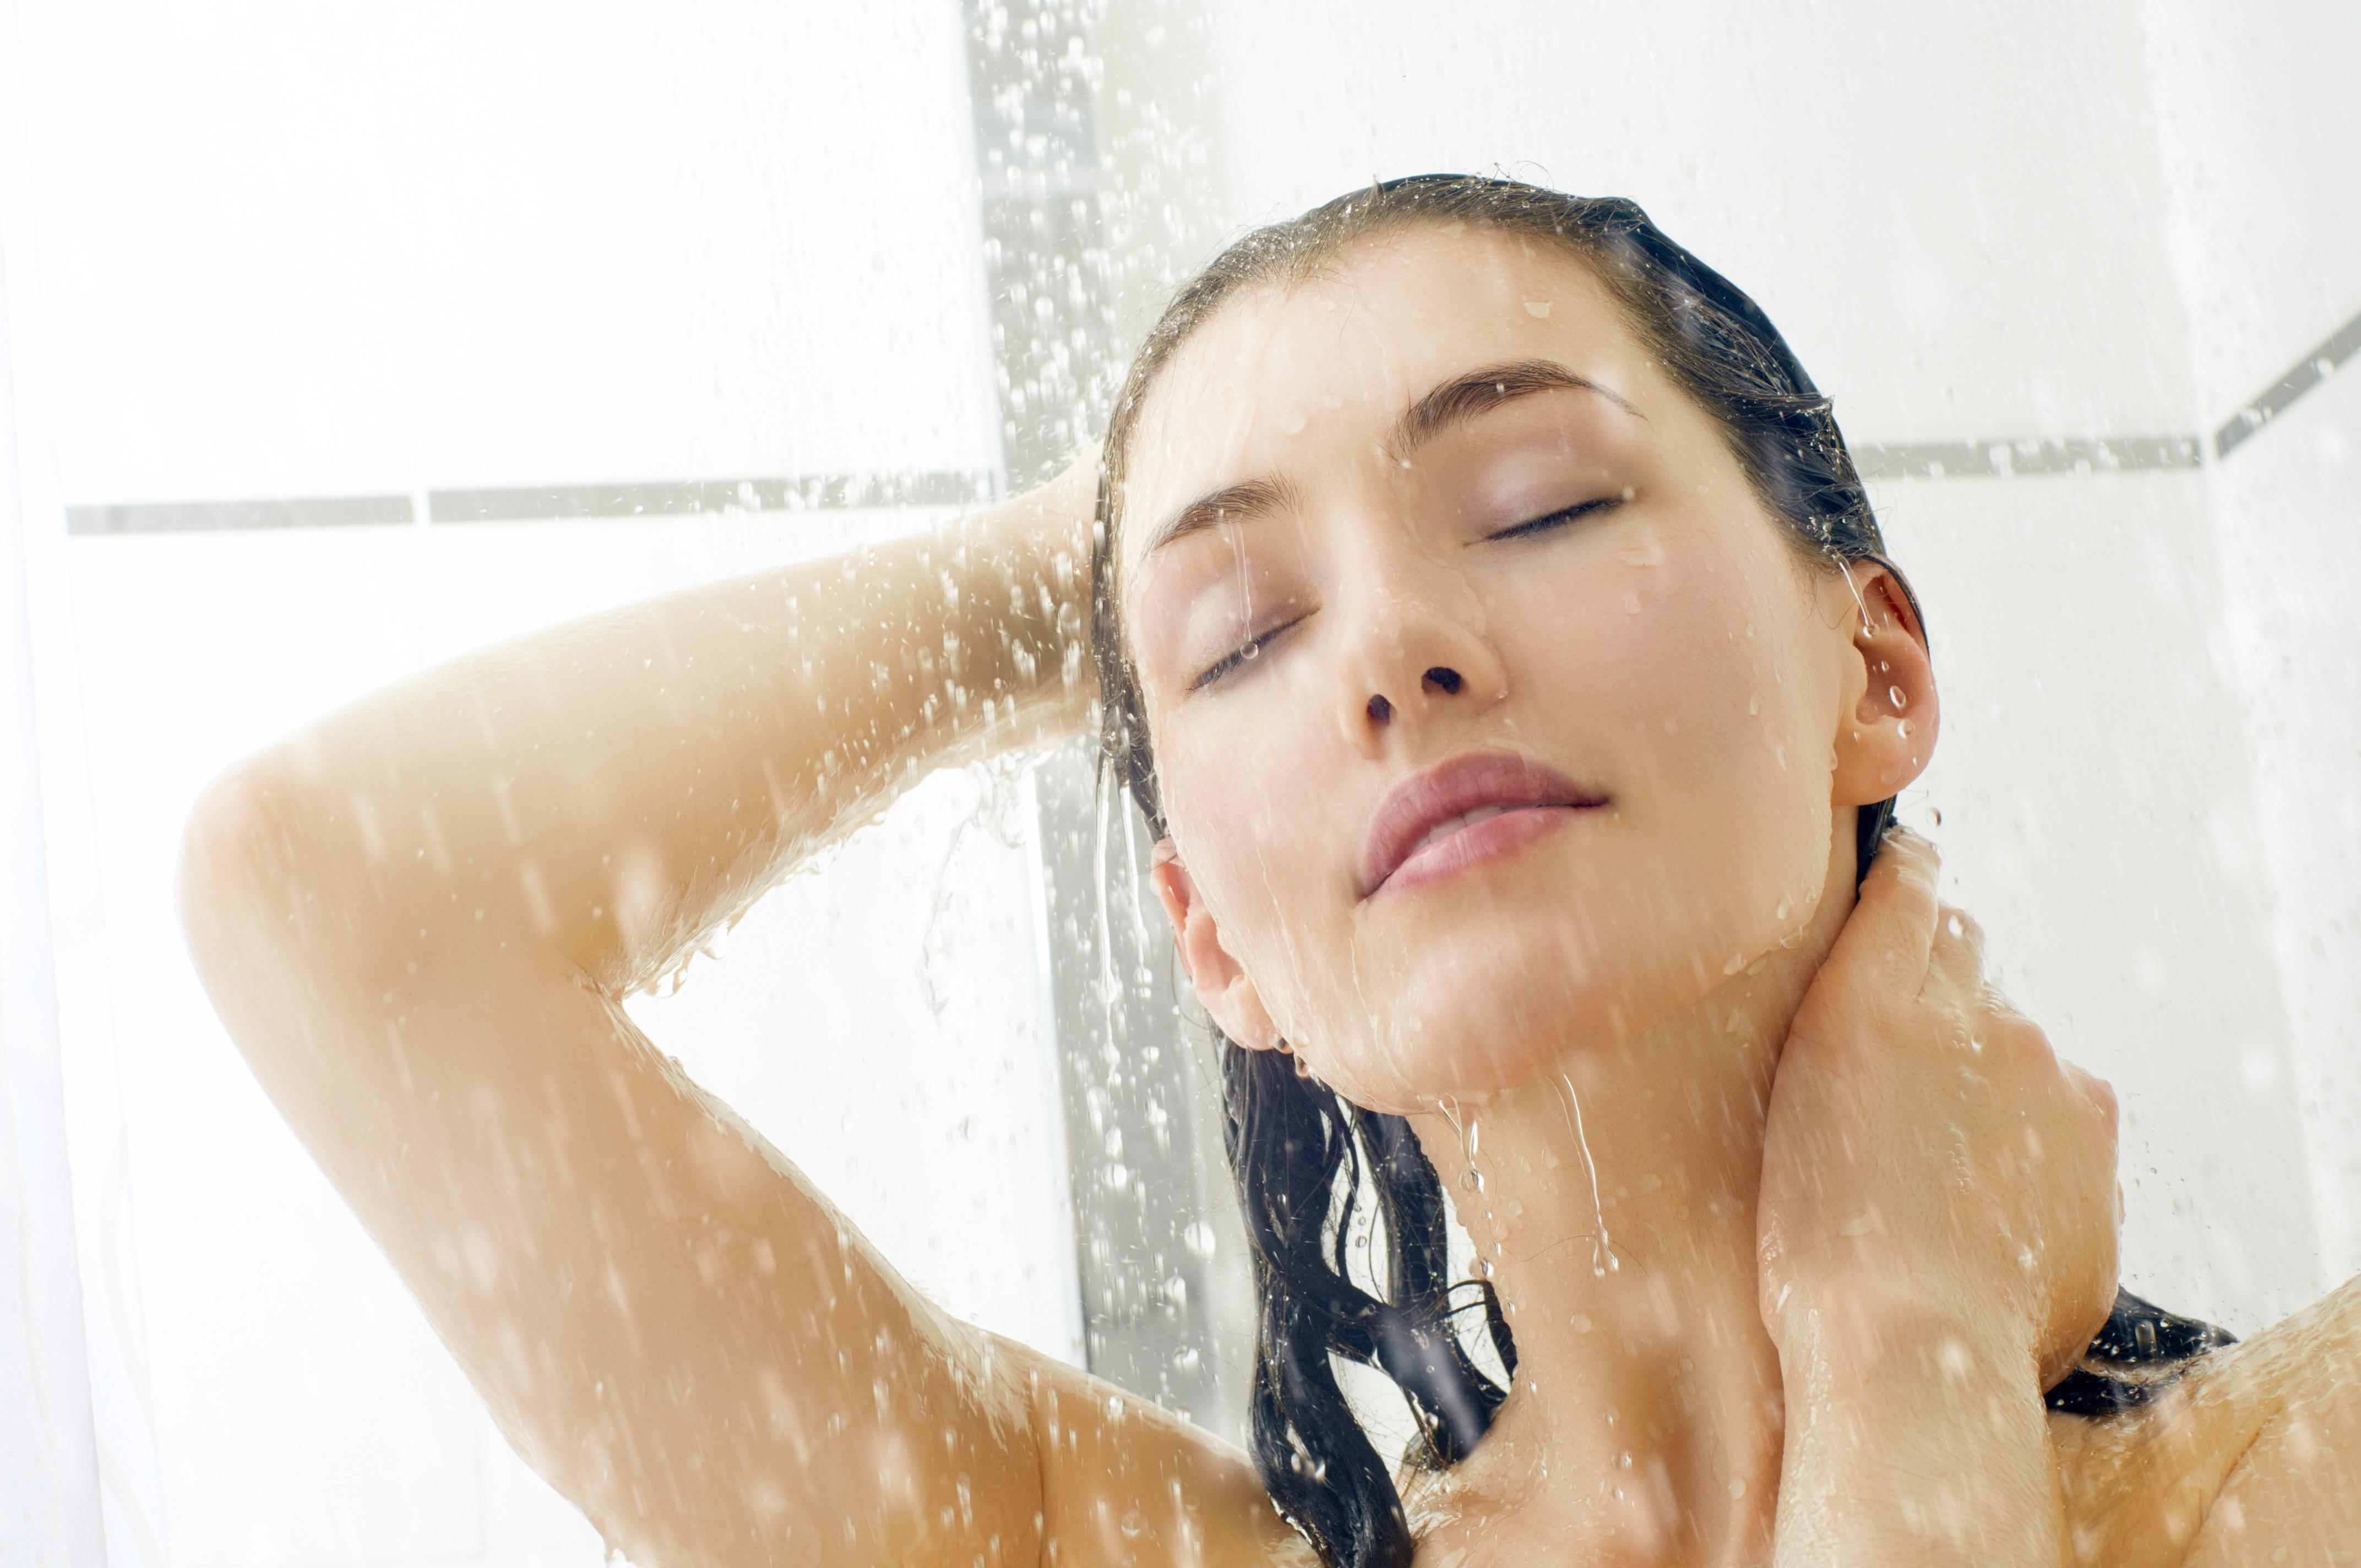 セラミックの殺菌・浄水作用や遠赤外線による効果